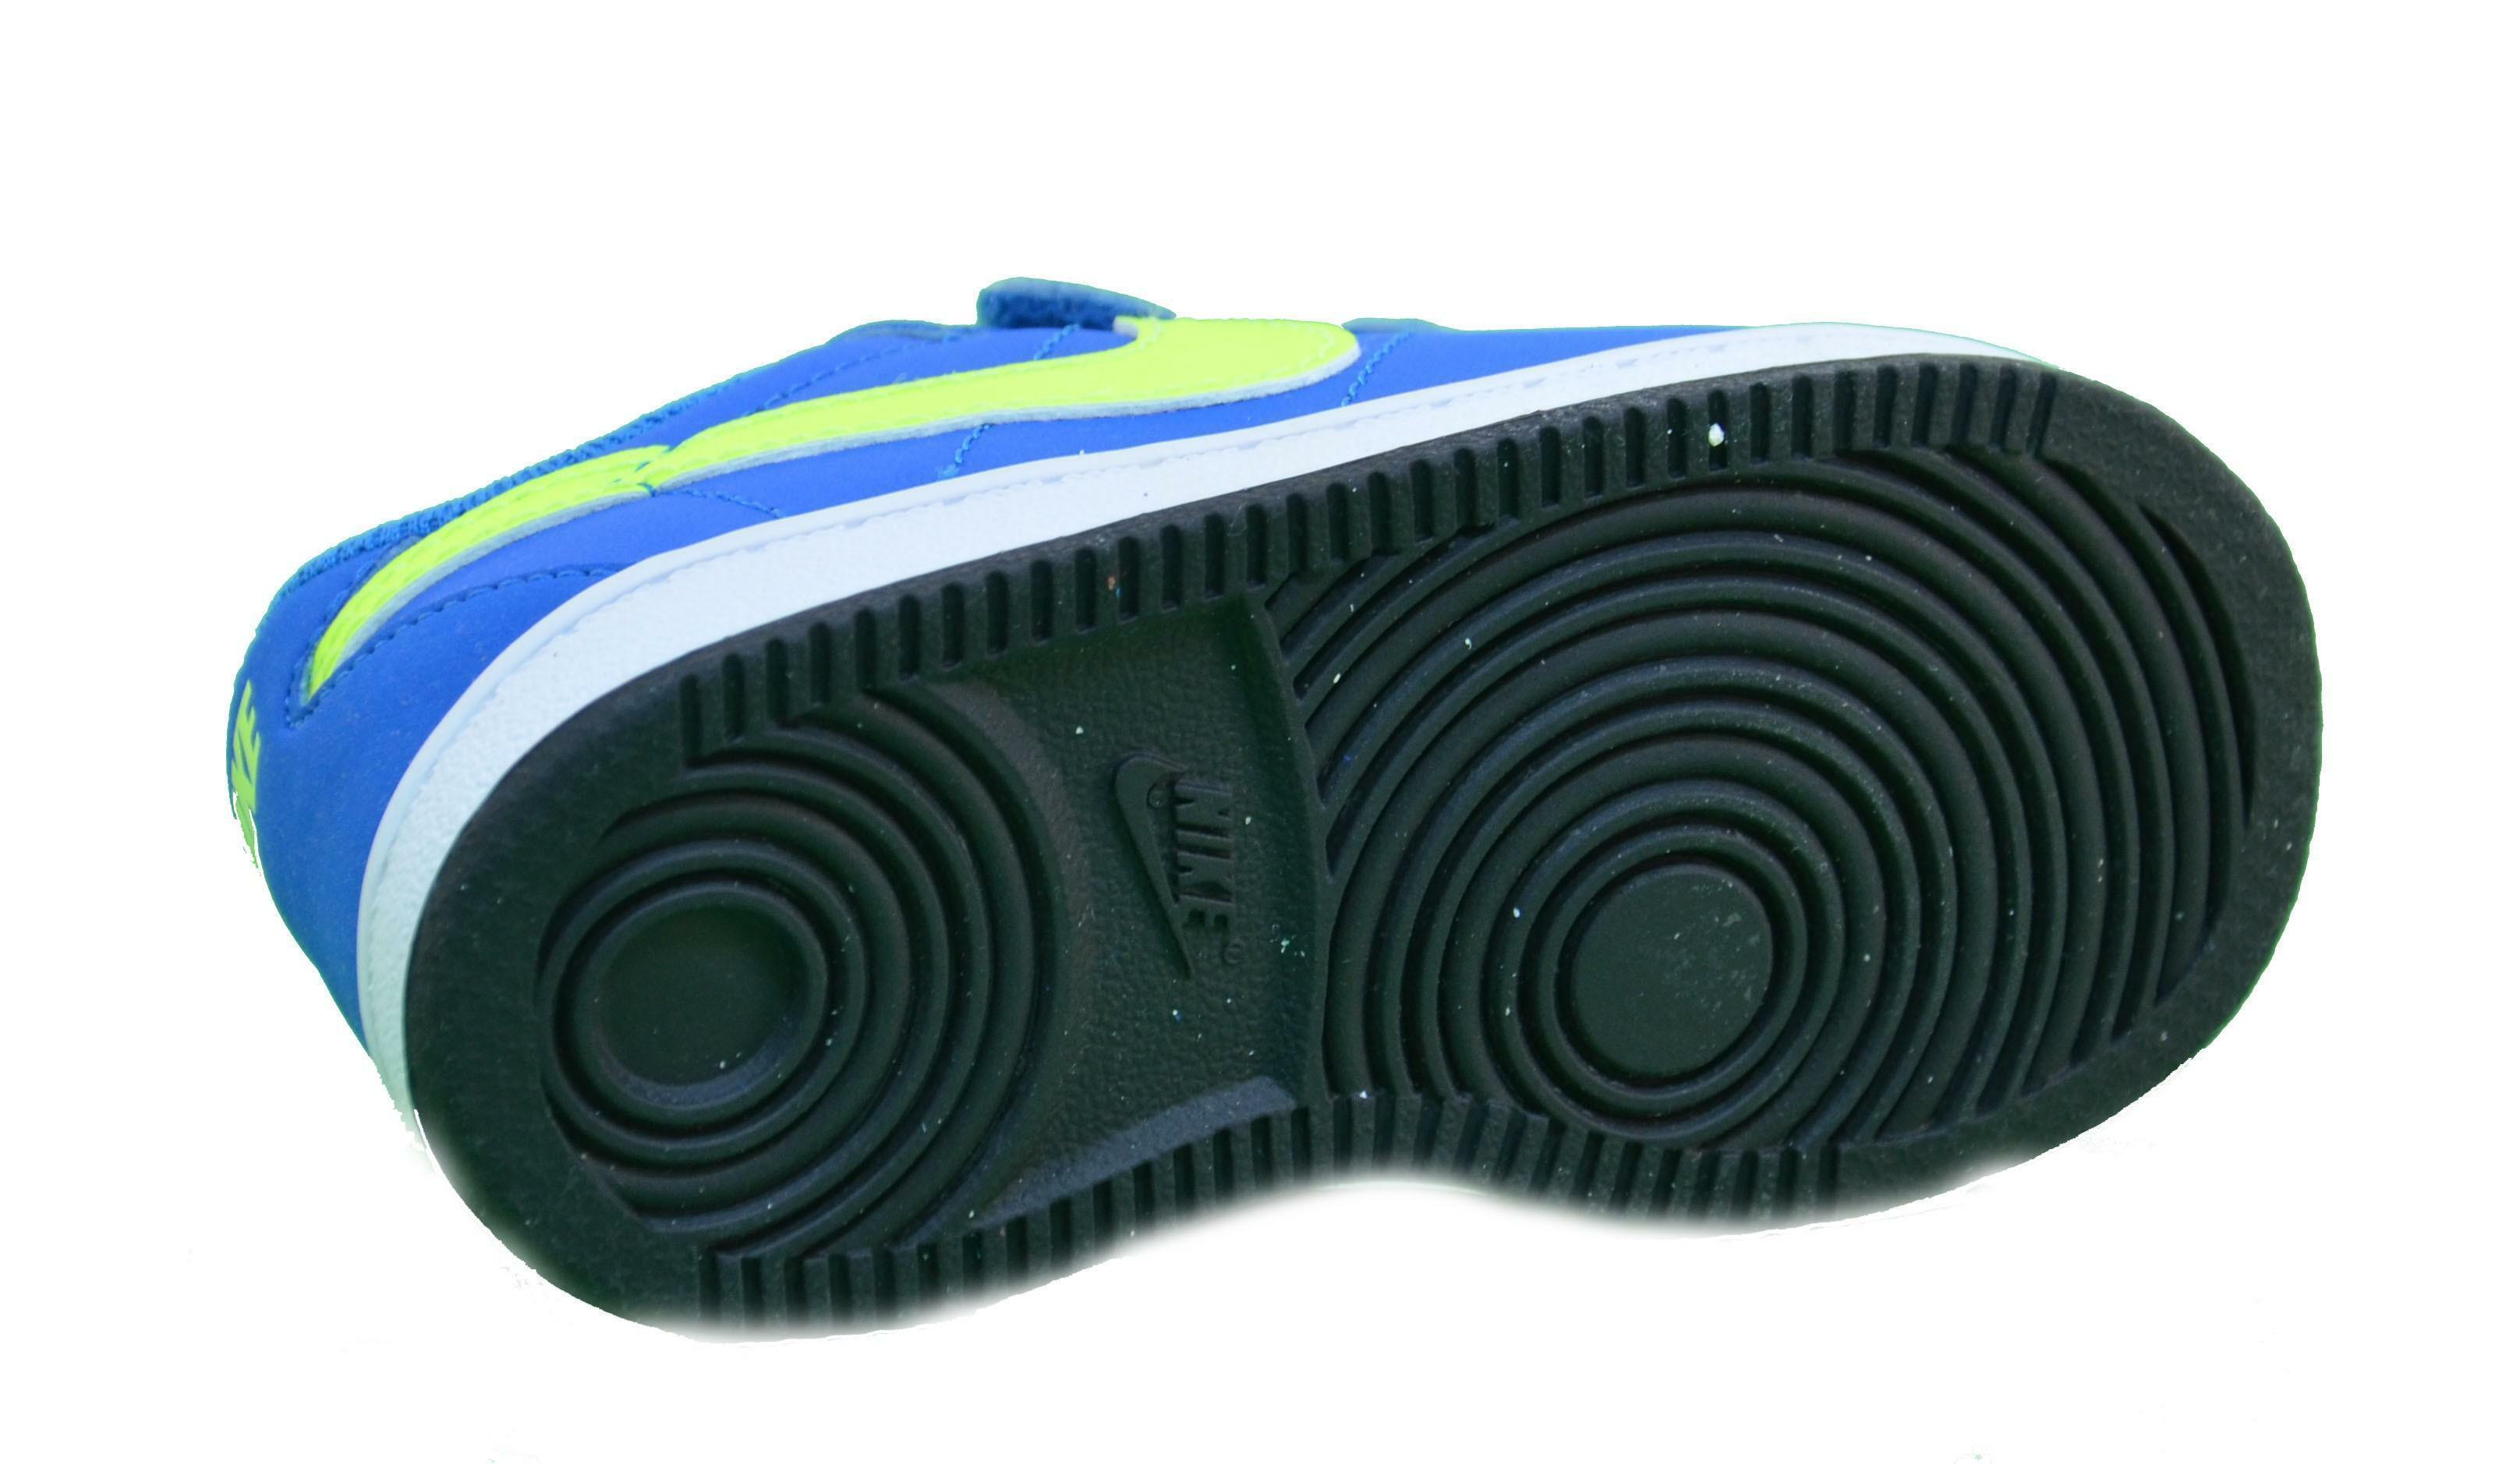 nike brutez plus (td) scarpe sportive bambino pelle azzurre strappi 535450